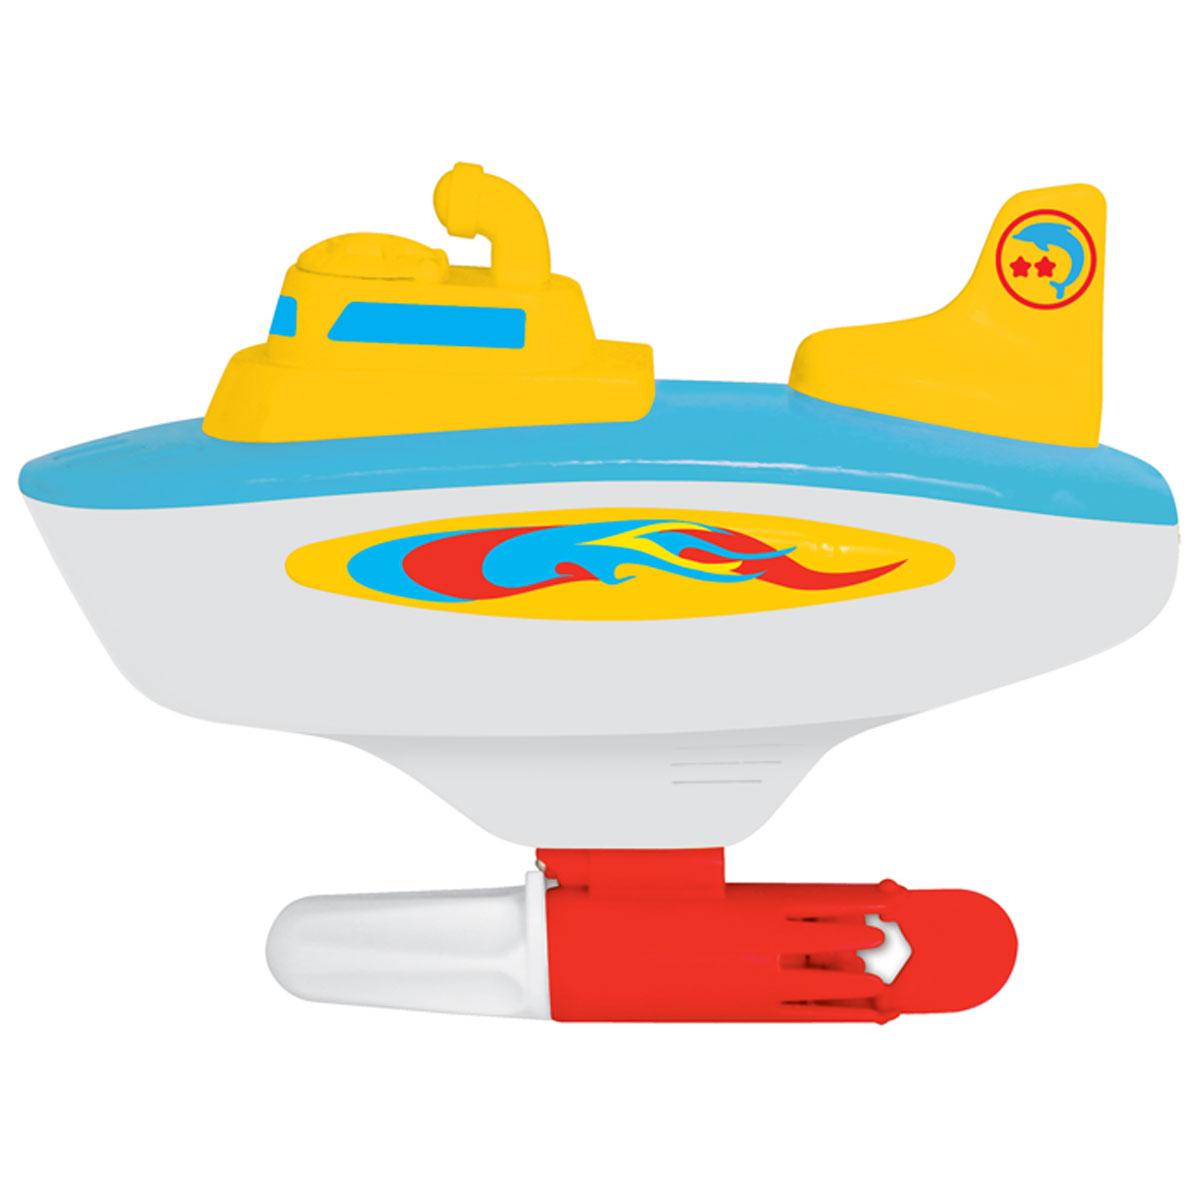 Kiddieland Игрушка Моя первая субмаринаKID 049908Яркая игрушка Kiddieland Моя первая субмарина со звуковыми эффектами обязательно понравится любому мальчишке. Игрушечная субмарина плавает с помощью гребного винтика. Чтобы запустить подводную лодку в просторы в ванной или водоема, необходимо повернуть рукоятку под килем. Используя рукоятку, можно менять направление движения. Субмарина способна поворачивать налево и направо. Во время игры раздается звук работающего мотора, прямо как у настоящей подводной лодки. Игрушка способствует развитию, мелкой моторики, цветовосприятия, воображения и творческого мышления. Рекомендуемый возраст: от 18 месяцев. Питание: 1 батарейка типа АА (входят в комплект).